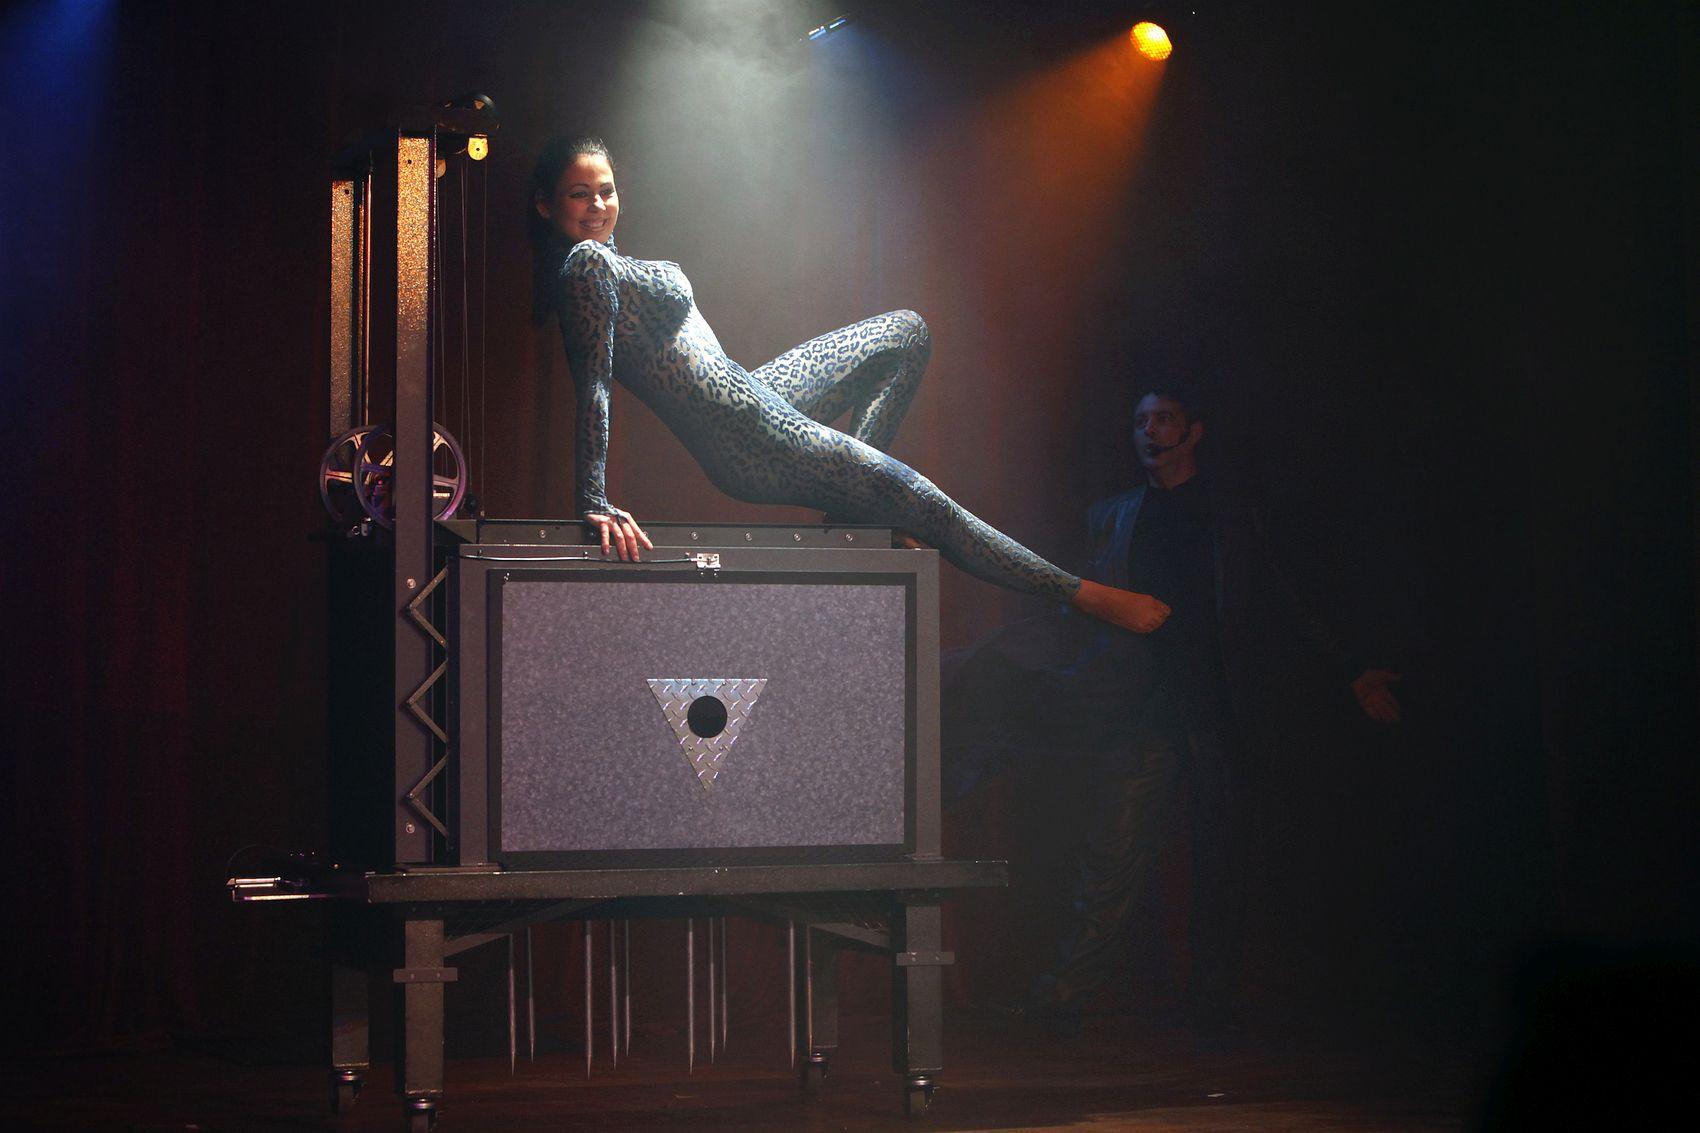 Magic Show in Barcelona